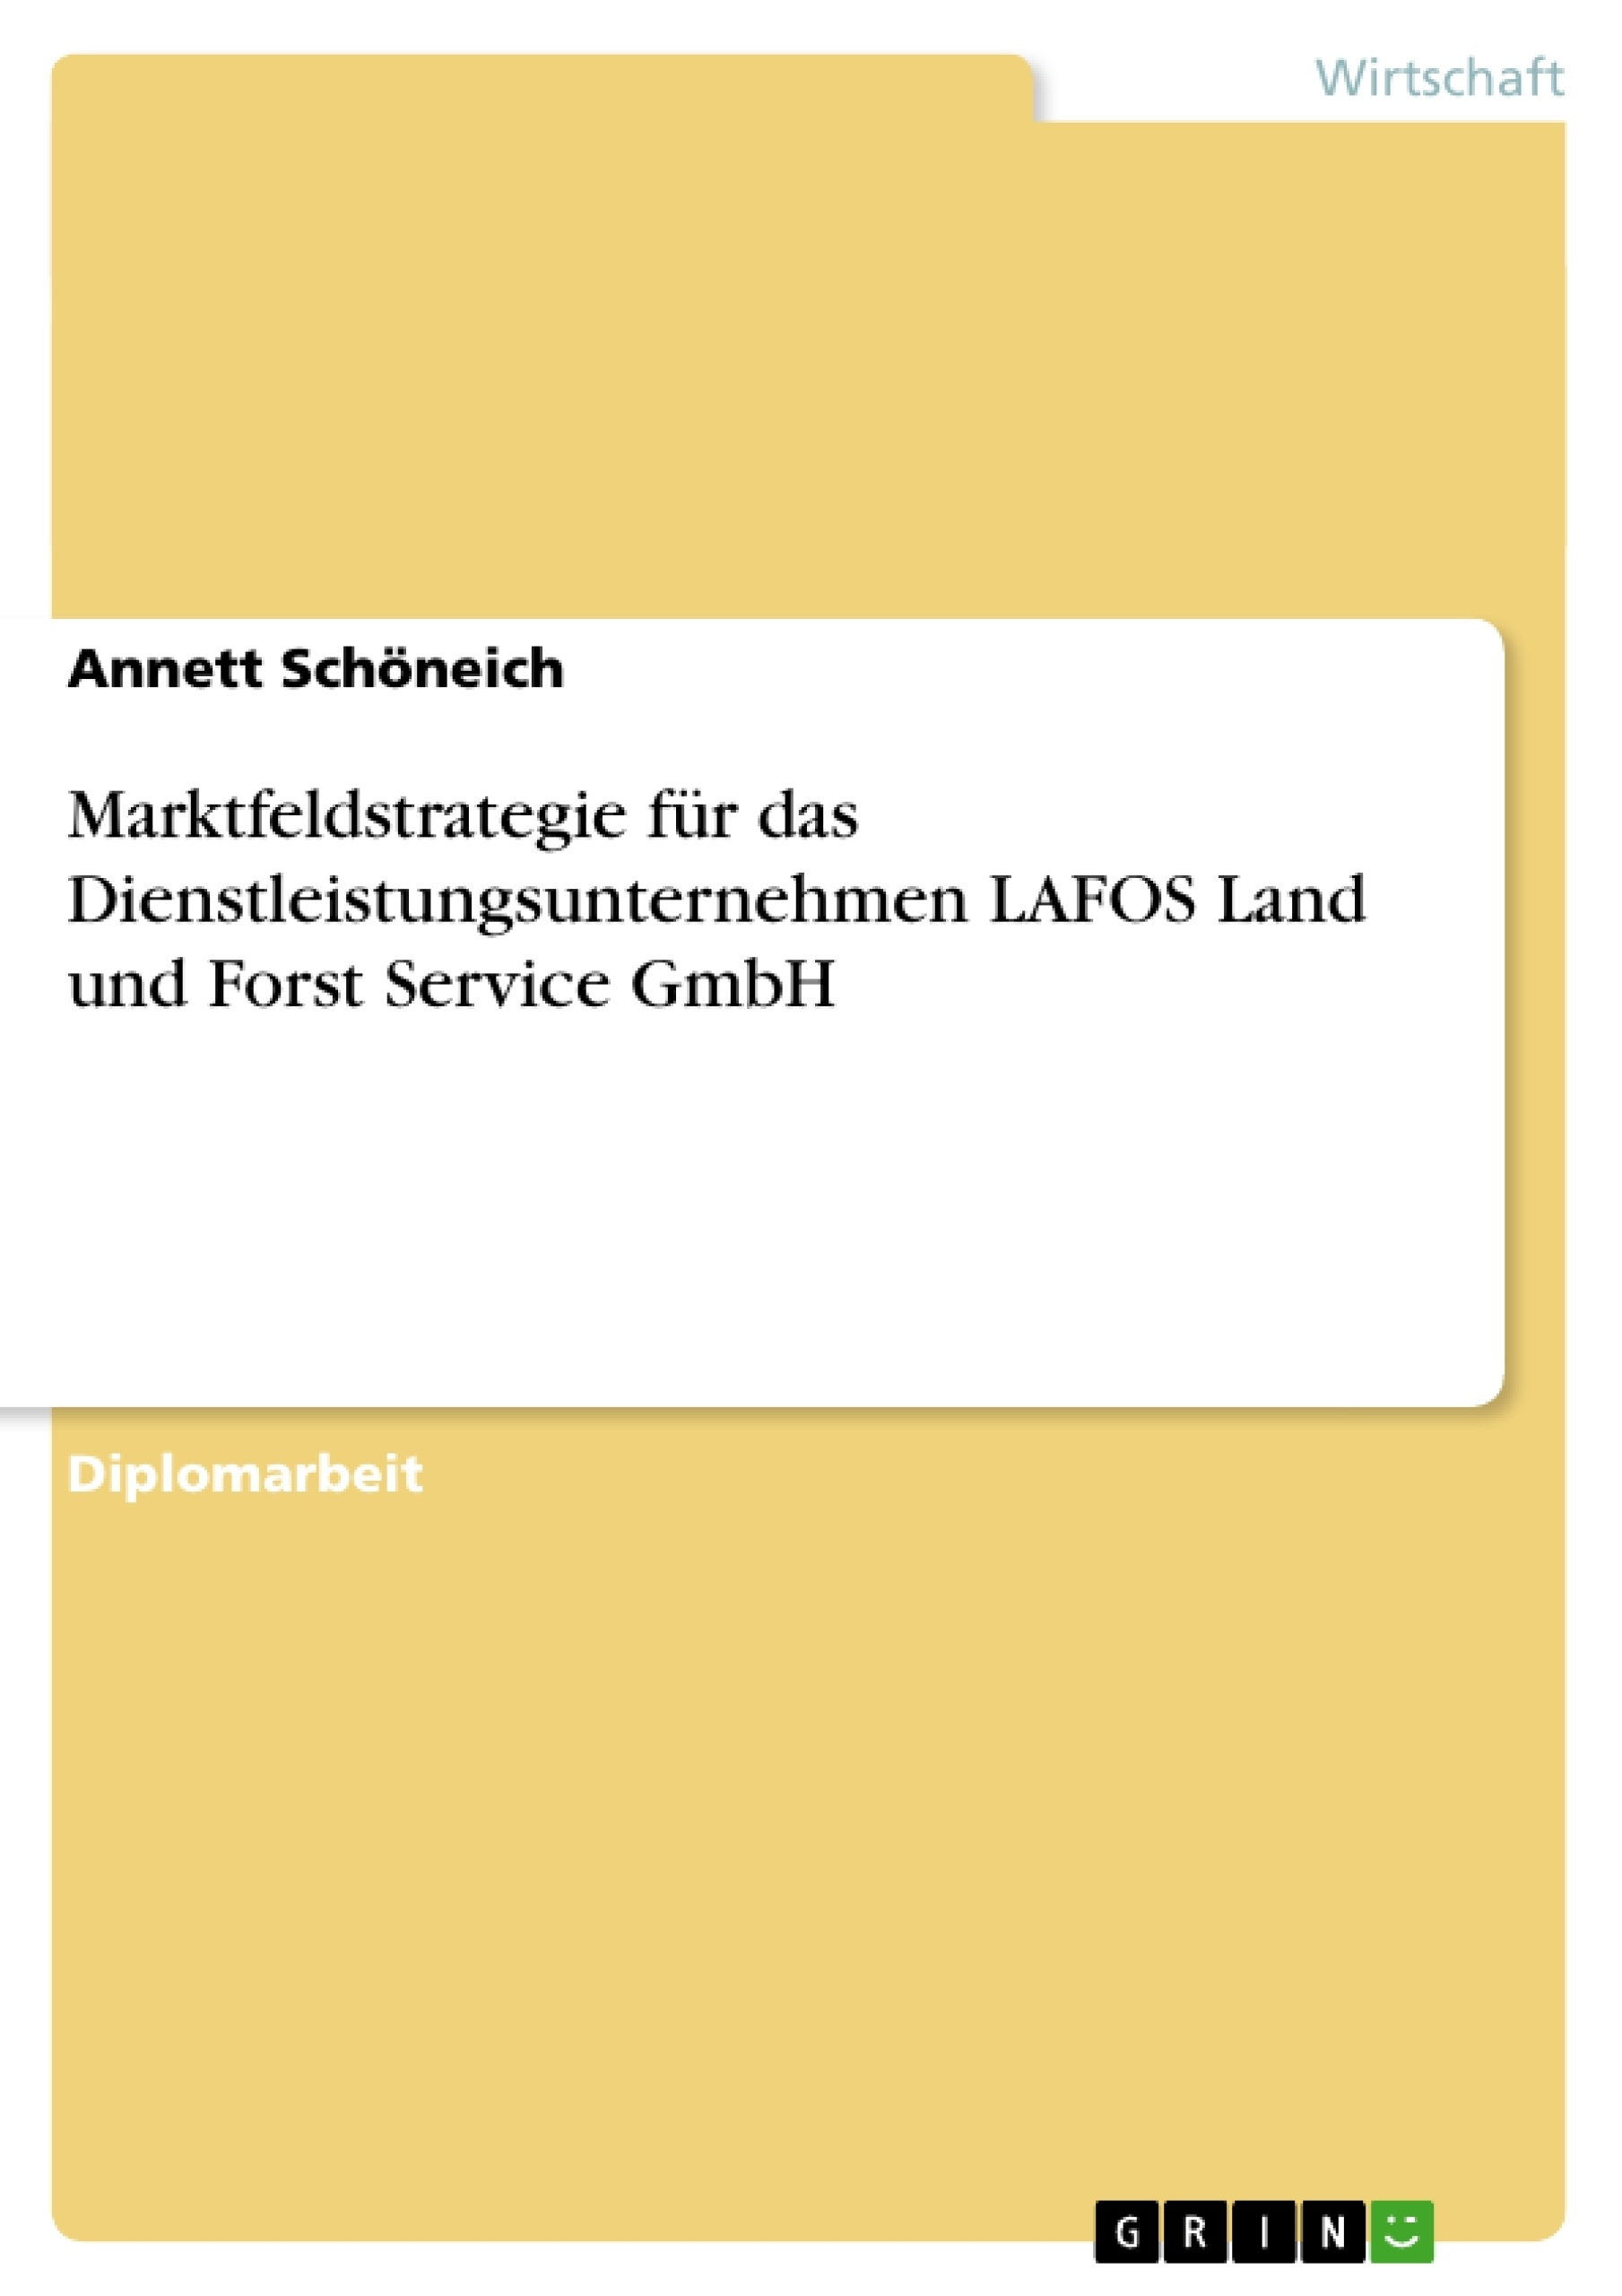 Titel: Marktfeldstrategie für das Dienstleistungsunternehmen LAFOS Land und Forst Service GmbH